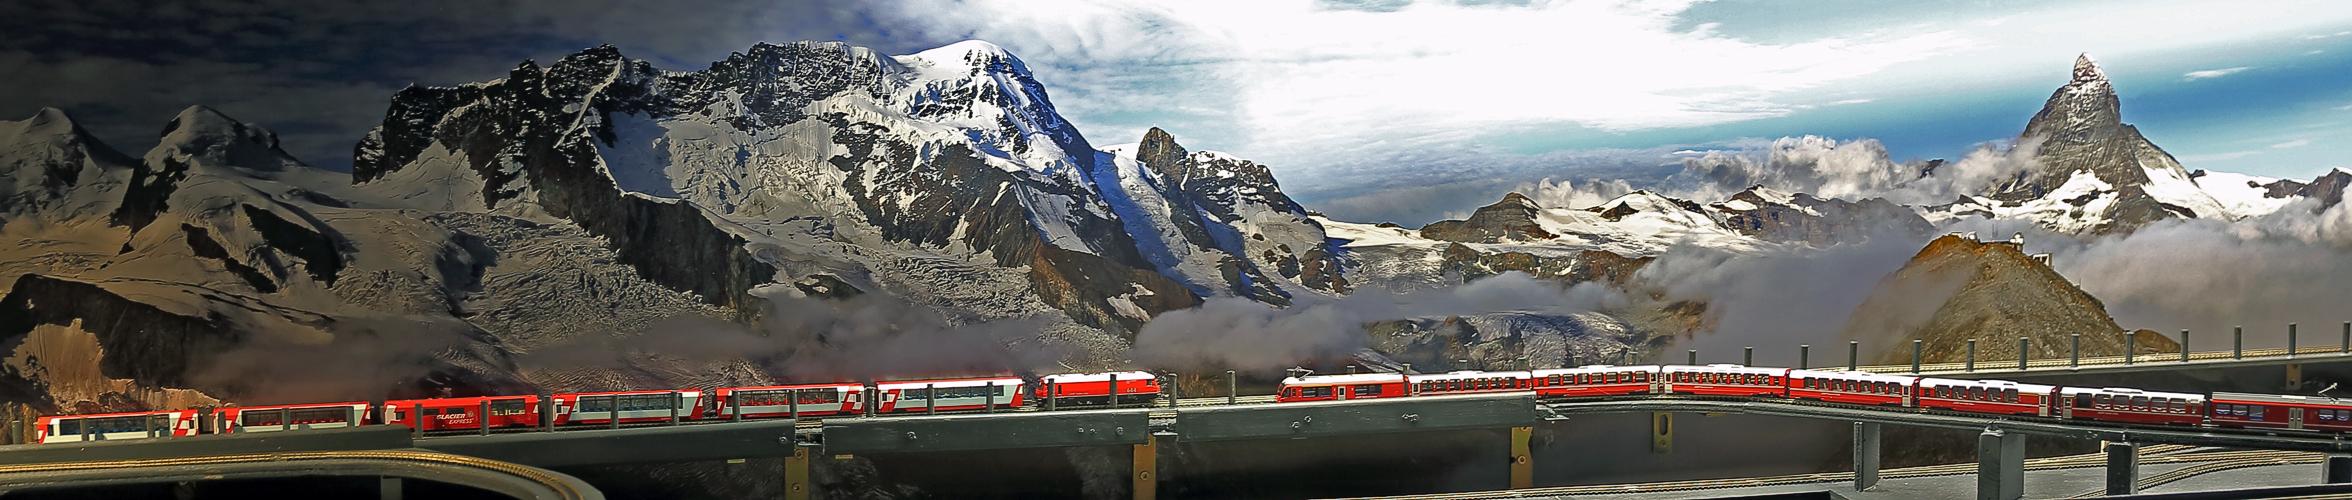 Für mehr Lawinensicherheit in Zermatt aus aktuellem Anlaß...